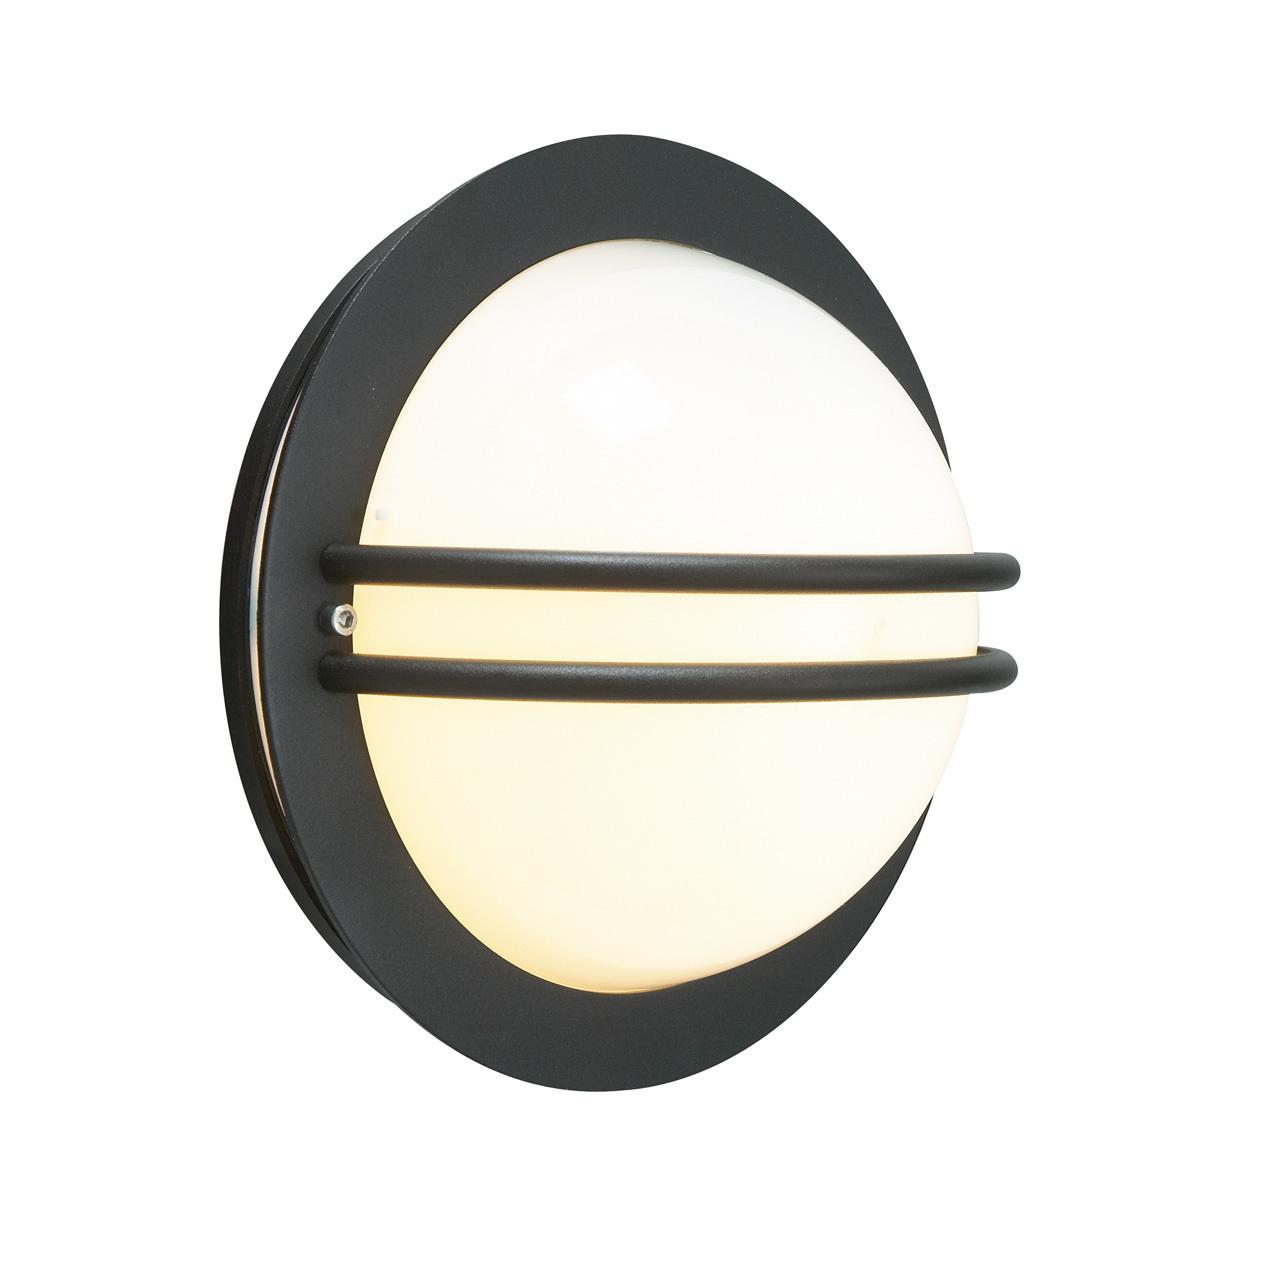 Lampa ścienna BREMEN LED 637B -Norlys  SPRAWDŹ RABATY  5-10-15-20 % w koszyku